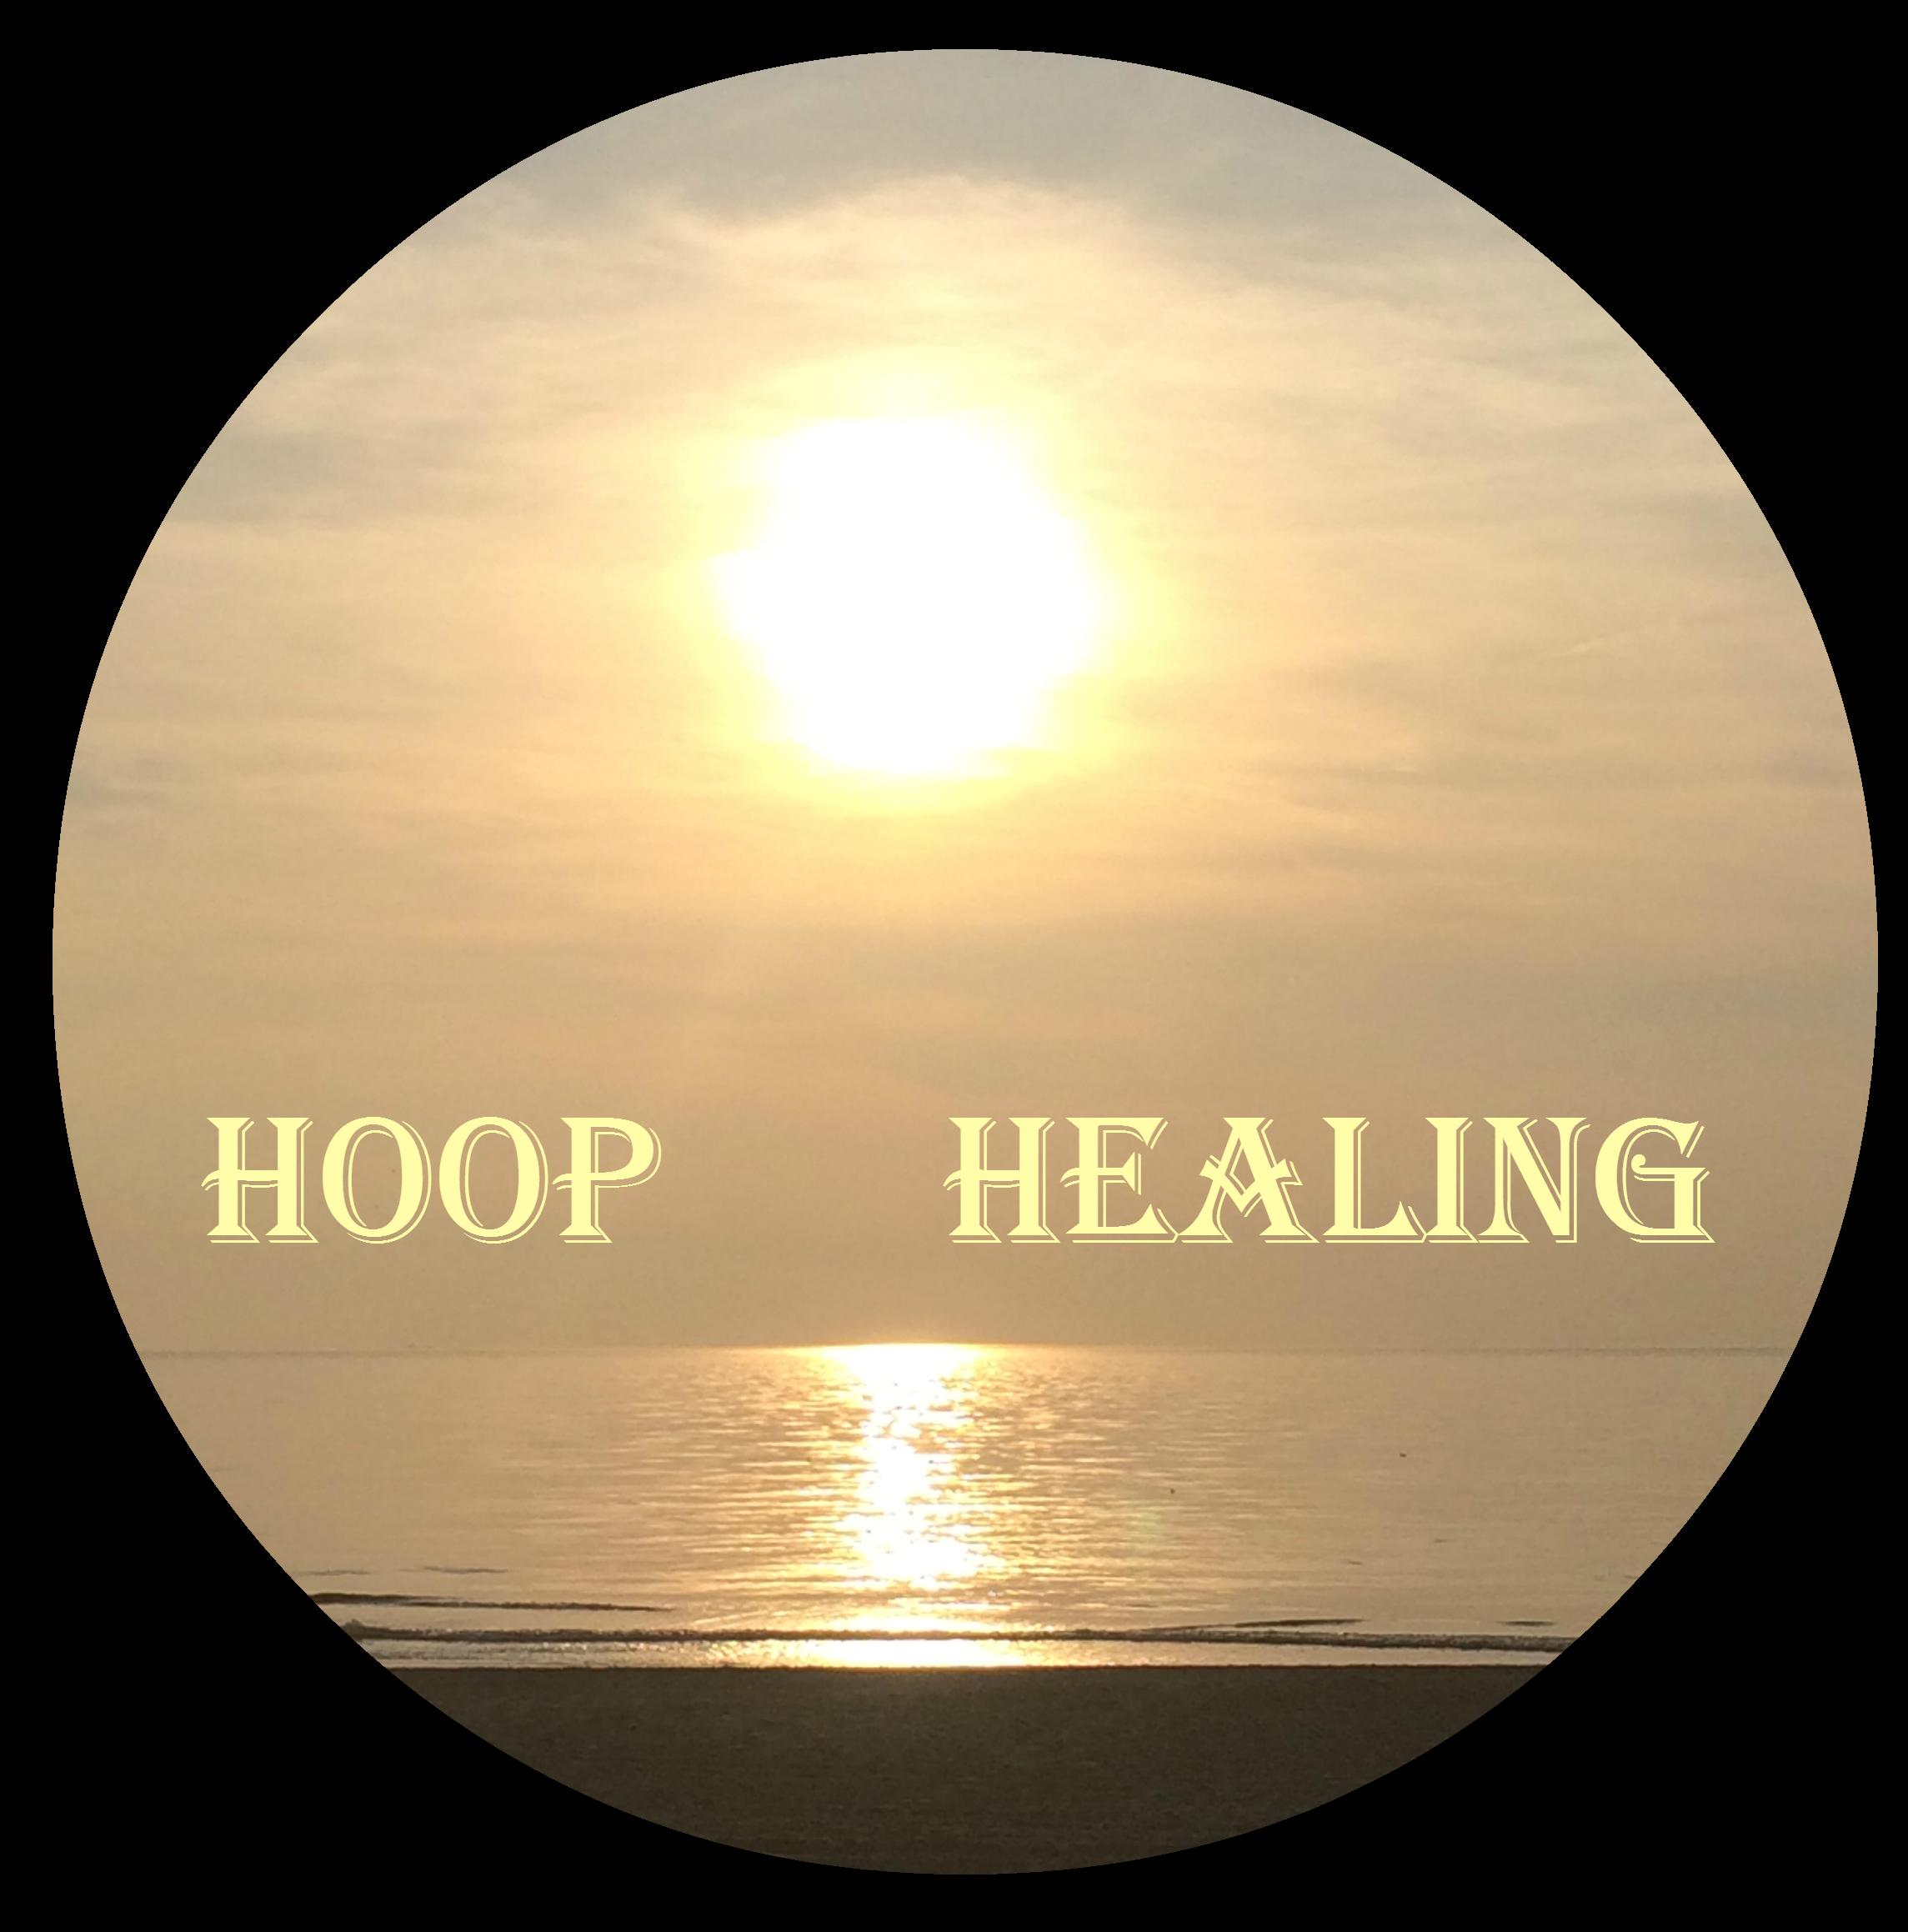 handt-profiel-hoop2a